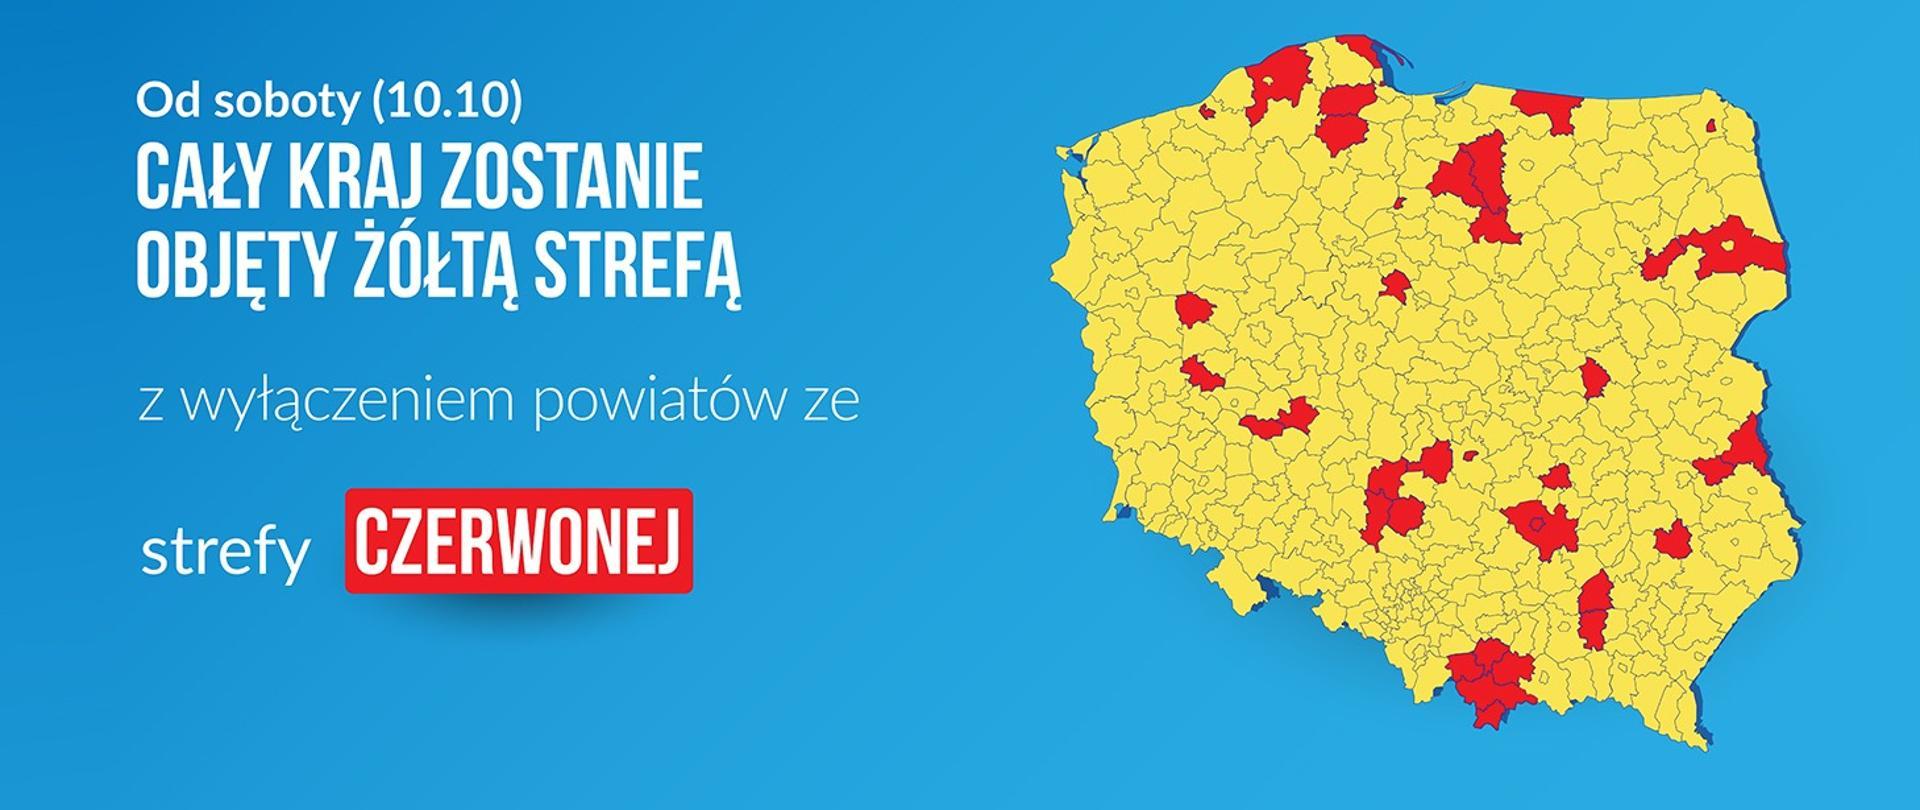 Zaostrzenie zasad epidemicznych i powołanie 16 szpitali koordynacyjnych -  Ministerstwo Zdrowia - Portal Gov.pl